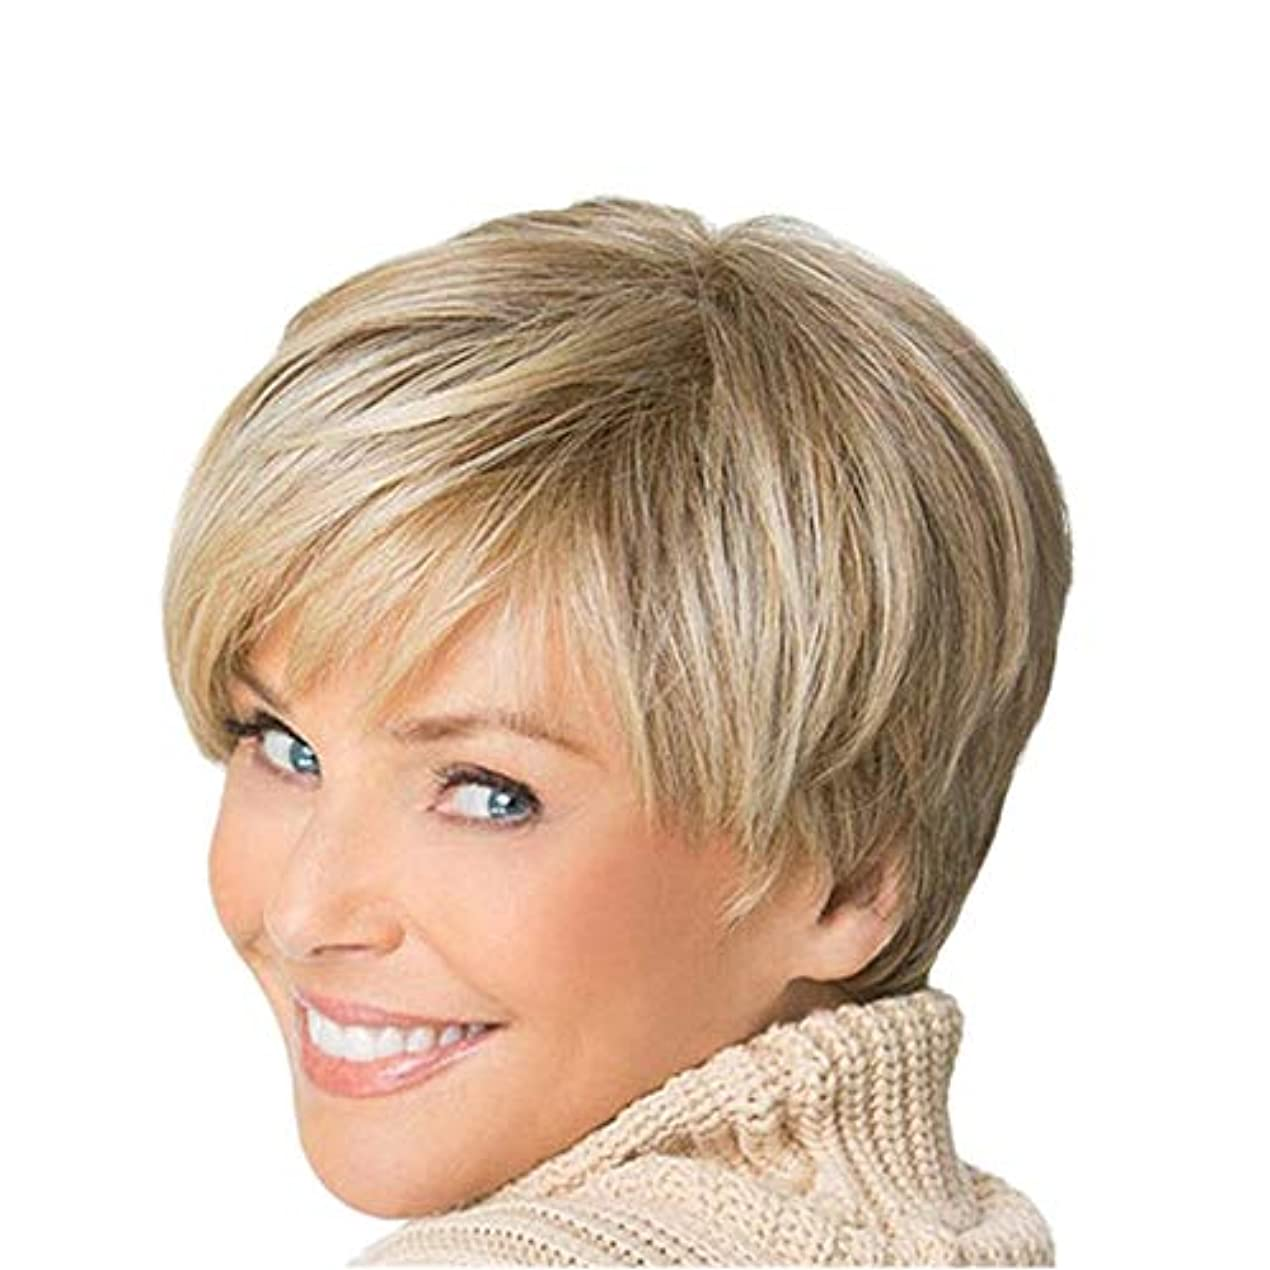 レルム対処する獣YOUQIU 女性ブロンドボブヘアウィッグ自然な耐熱かつらのためにショートカーリーふわふわウィッグ (色 : Blonde)